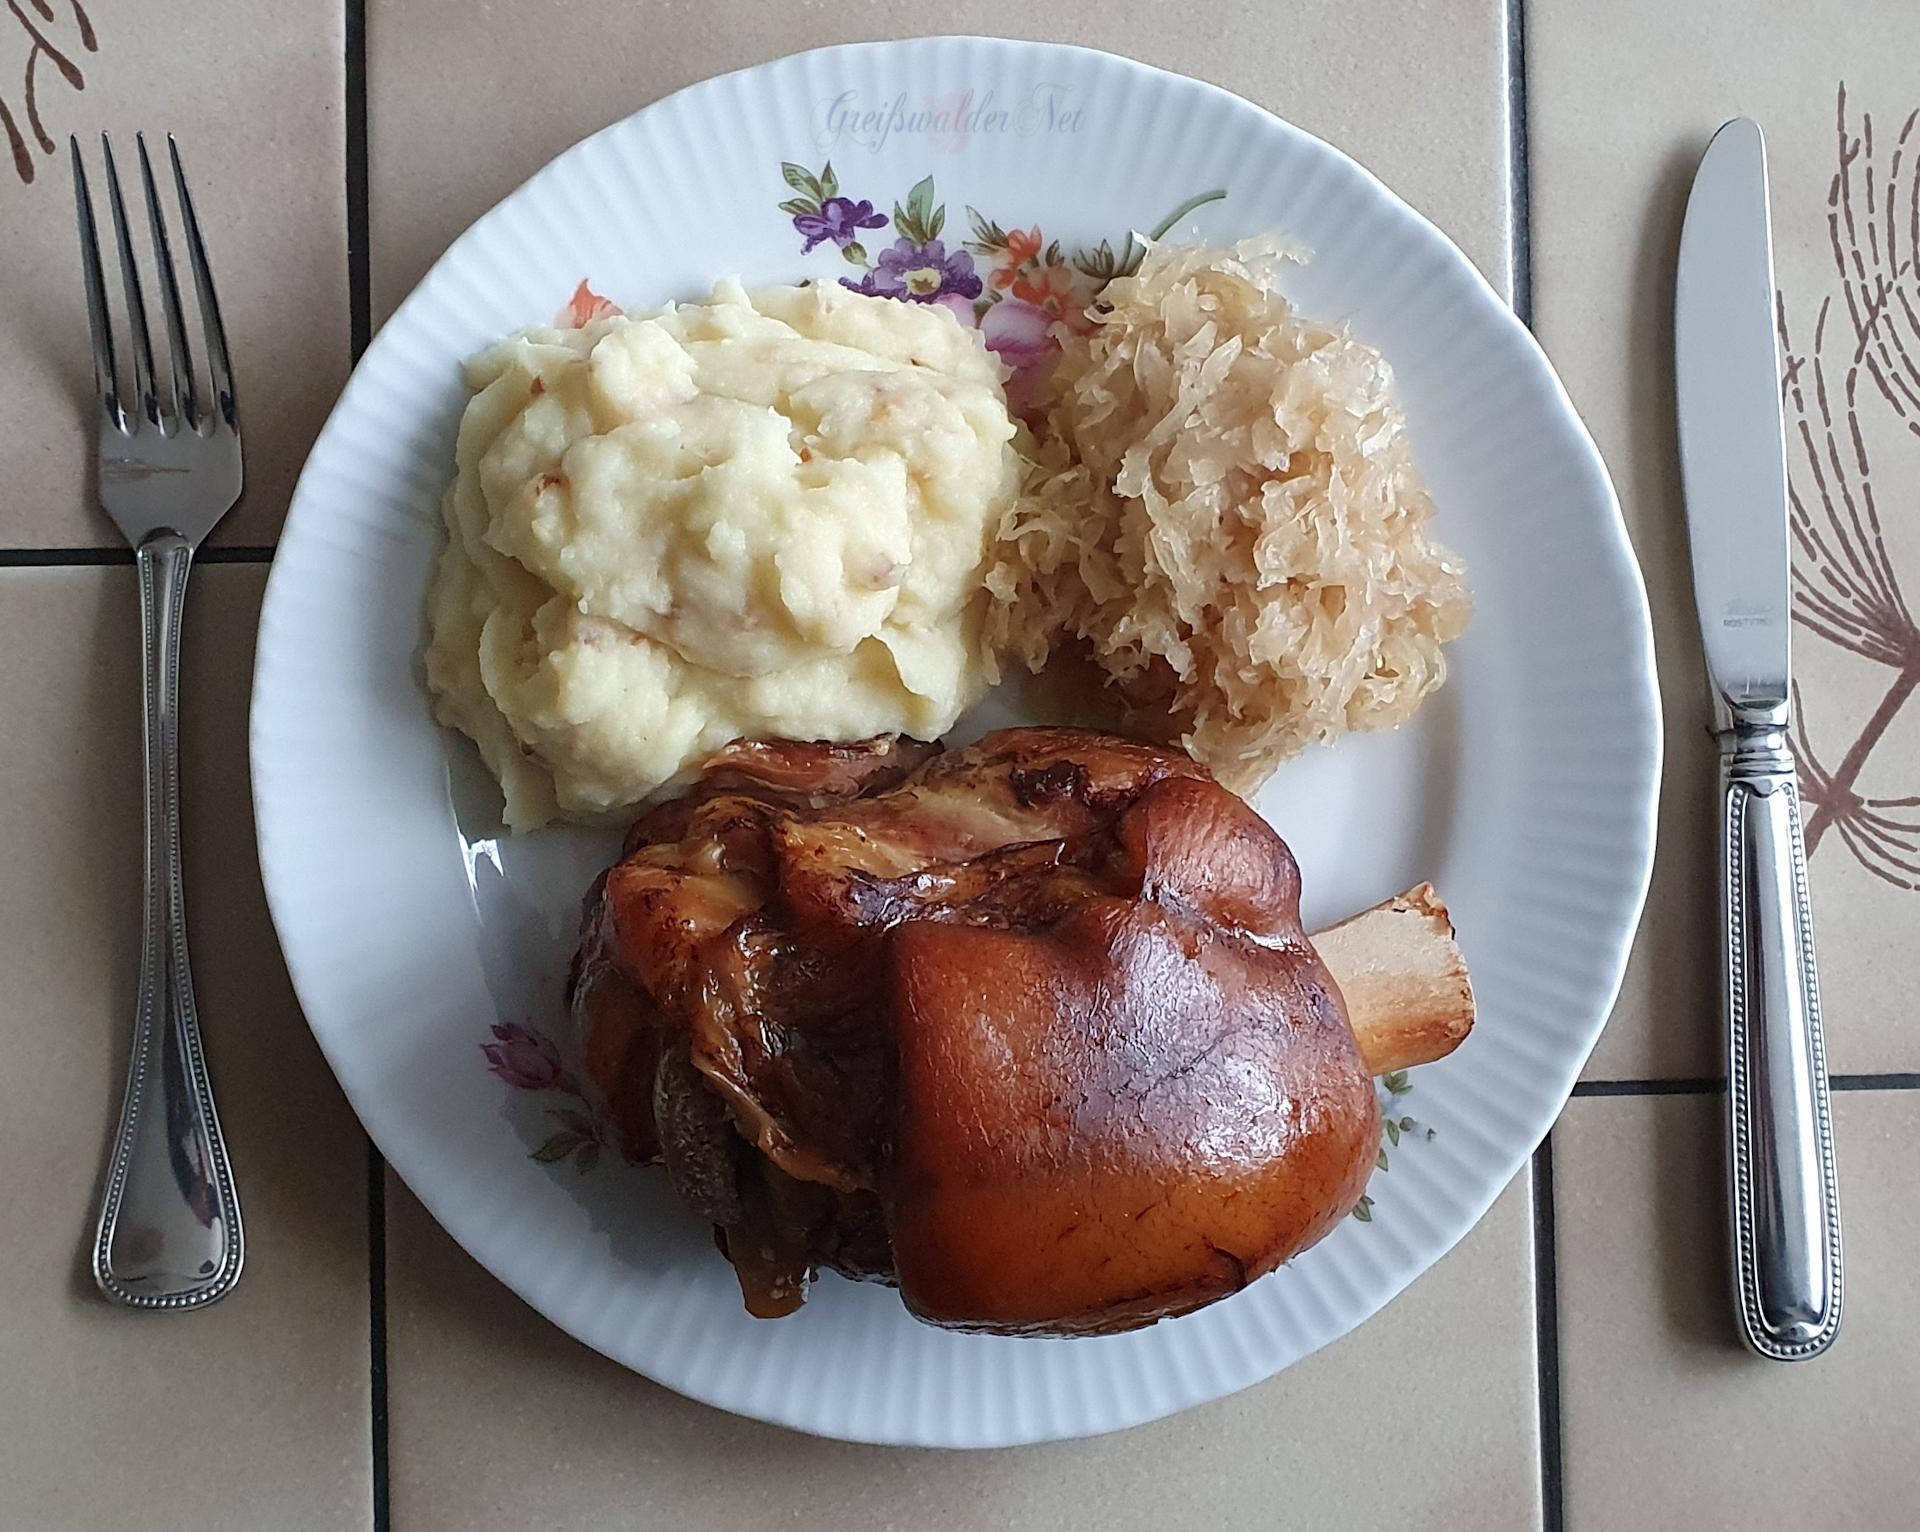 Grillhaxe mit Kartoffelpüree und Sauerkraut